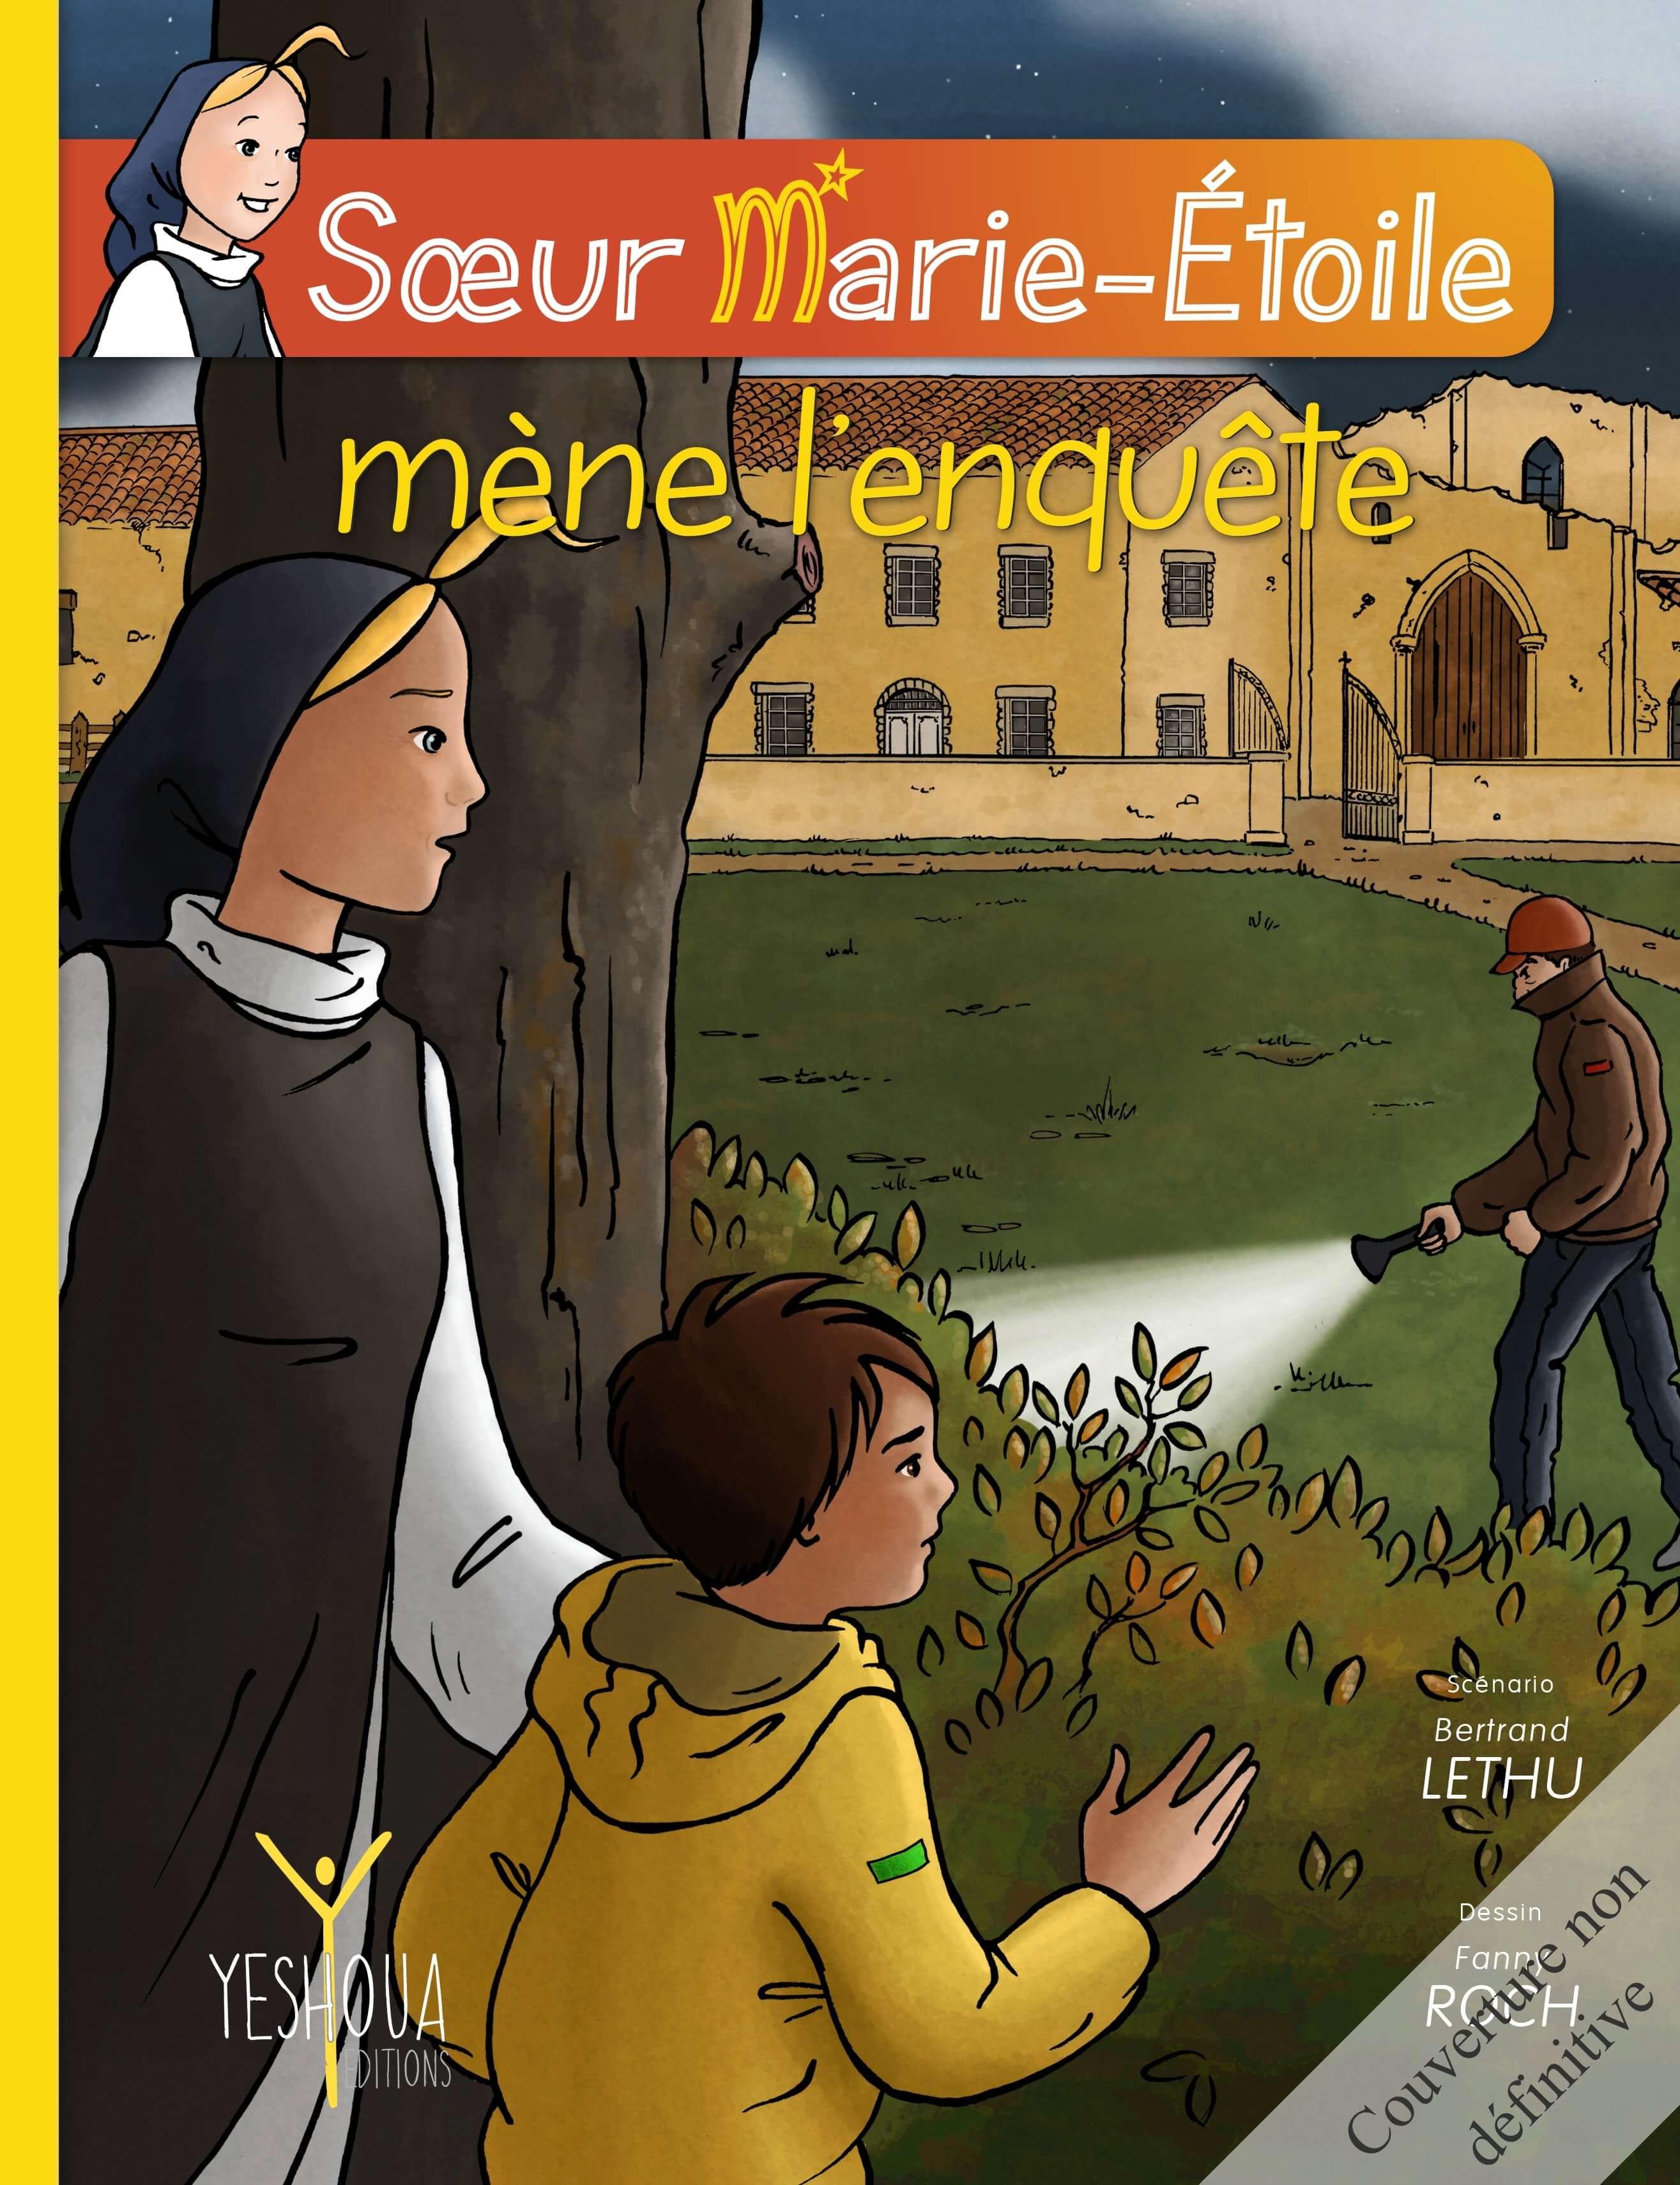 image_thumb_Une nouvelle BD : Sœur Marie-Étoile mène l'enquête !